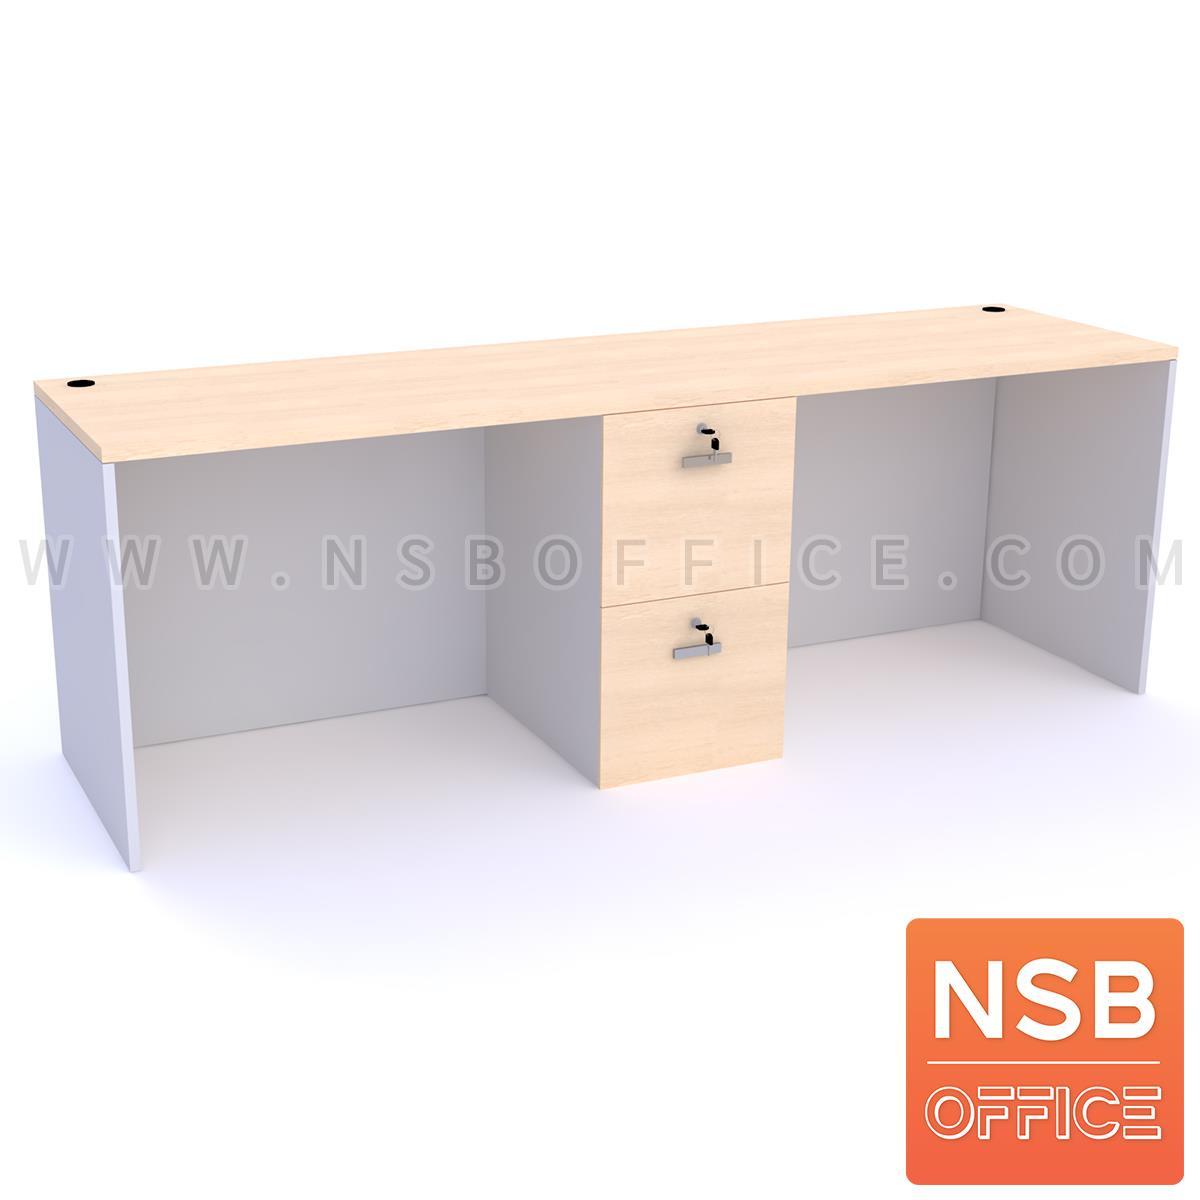 โต๊ะทำงาน 2 ที่นั่ง รุ่น Irene (ไอรีน) ลิ้นชักตรงกลาง ขนาด 220W*60D*75H cm.